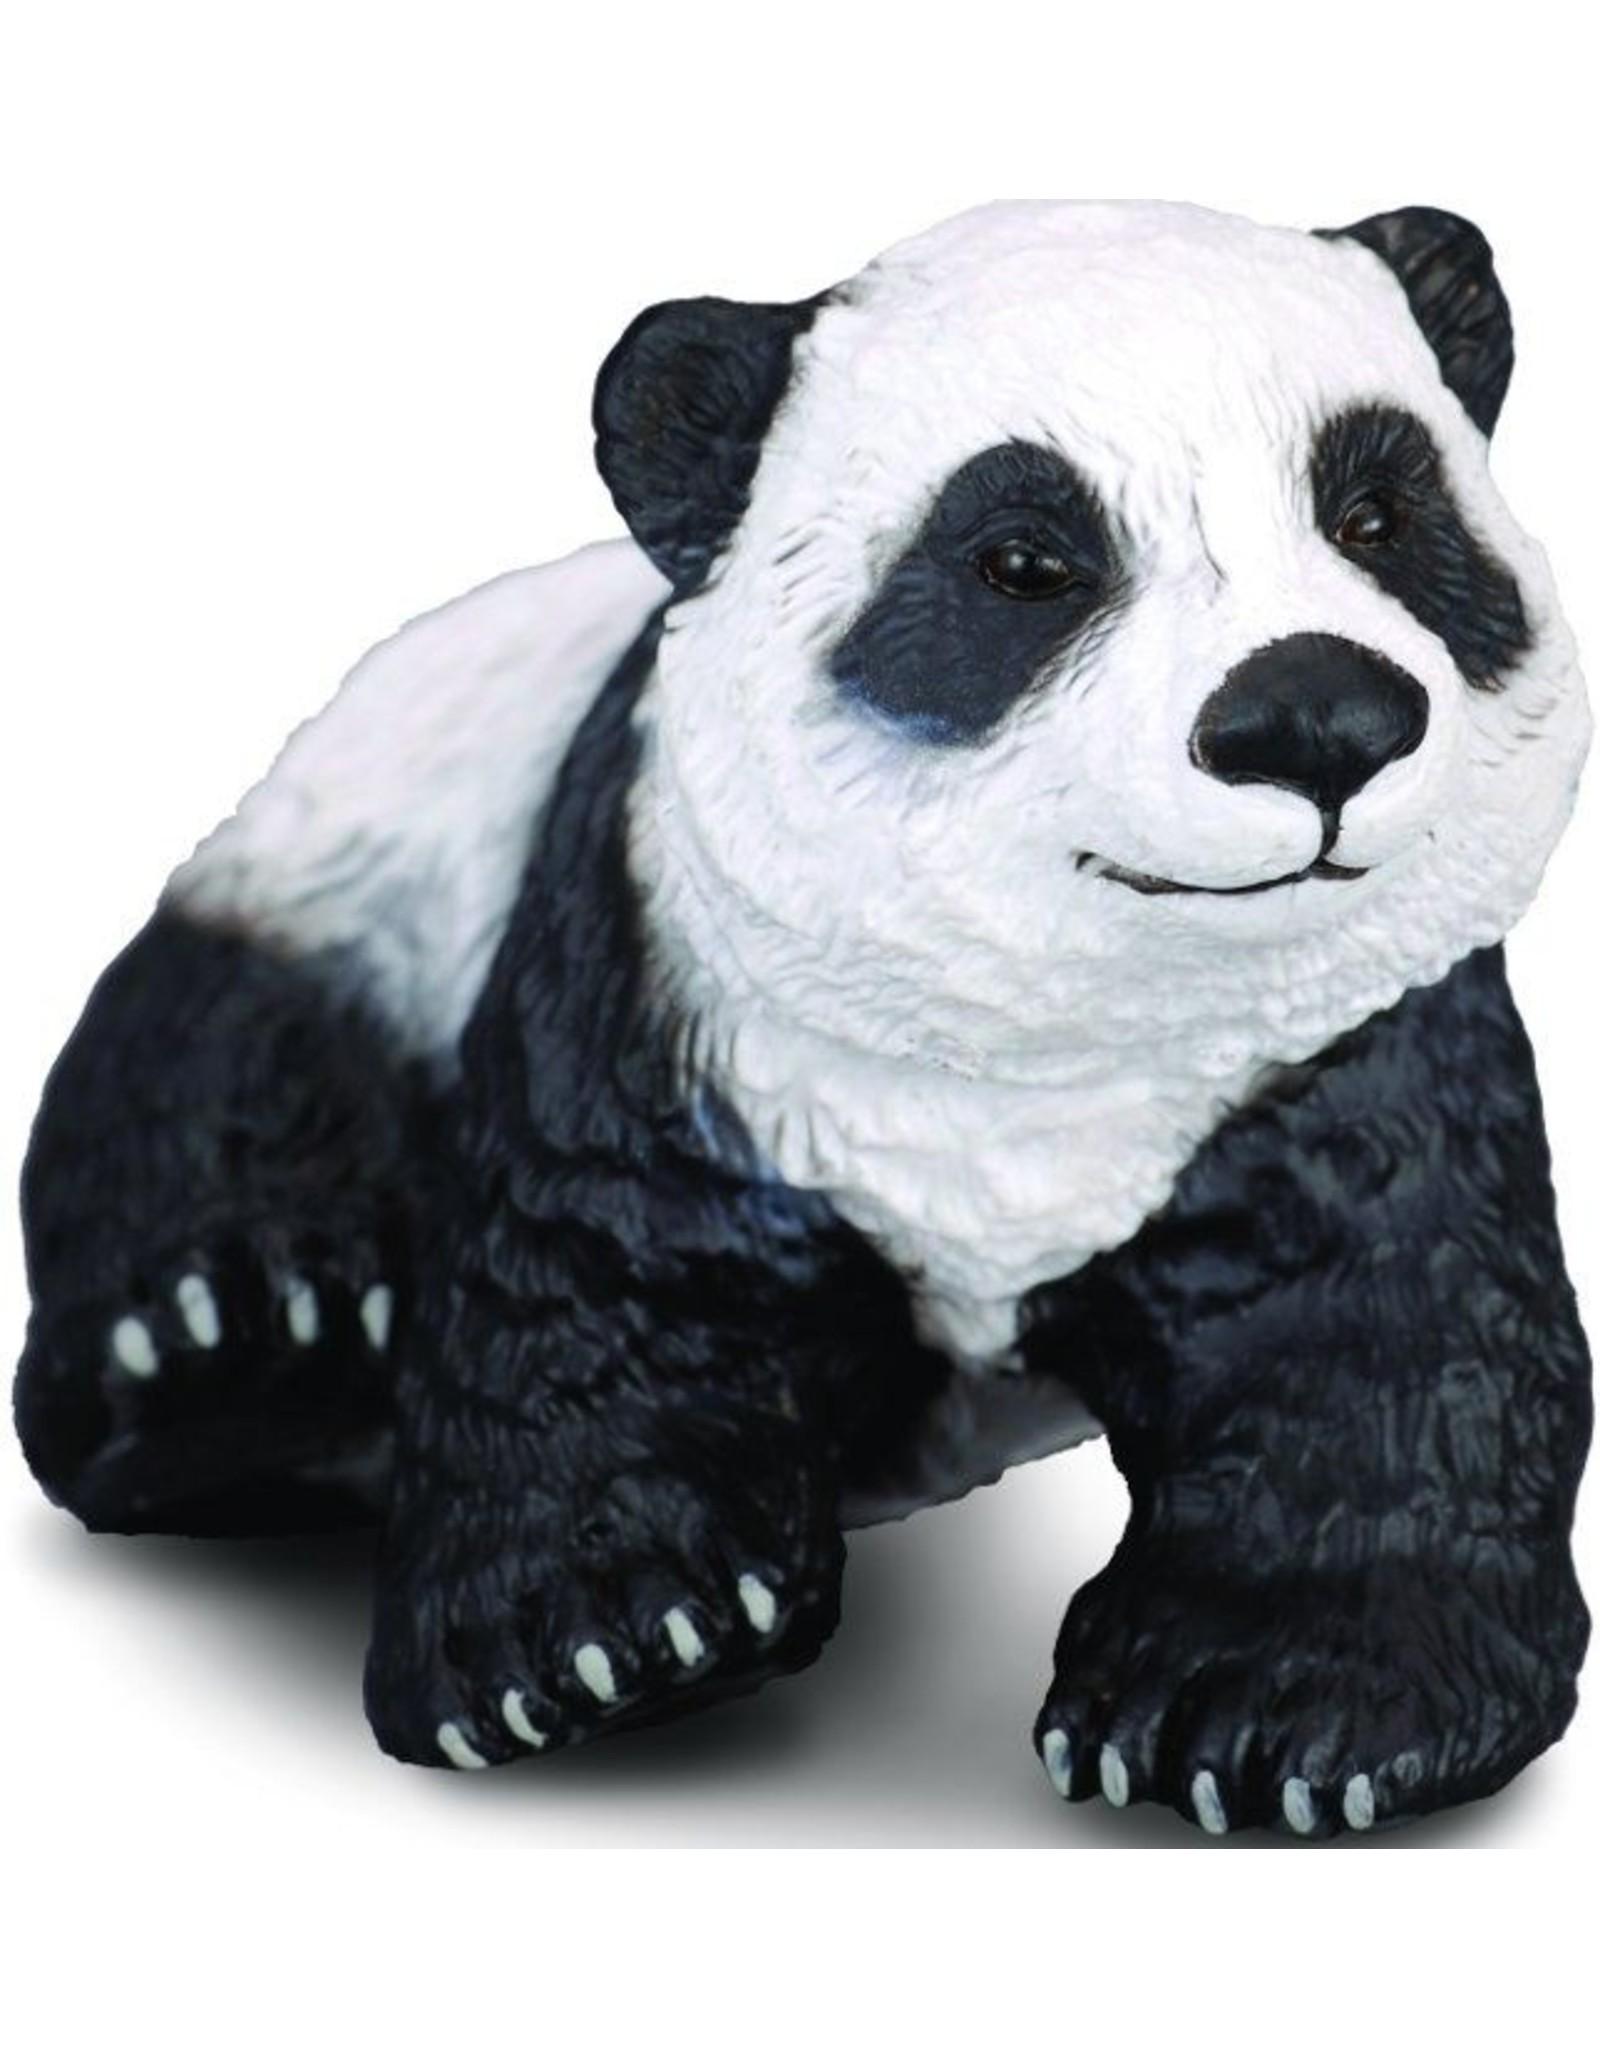 CollectA Giant Panda Cub